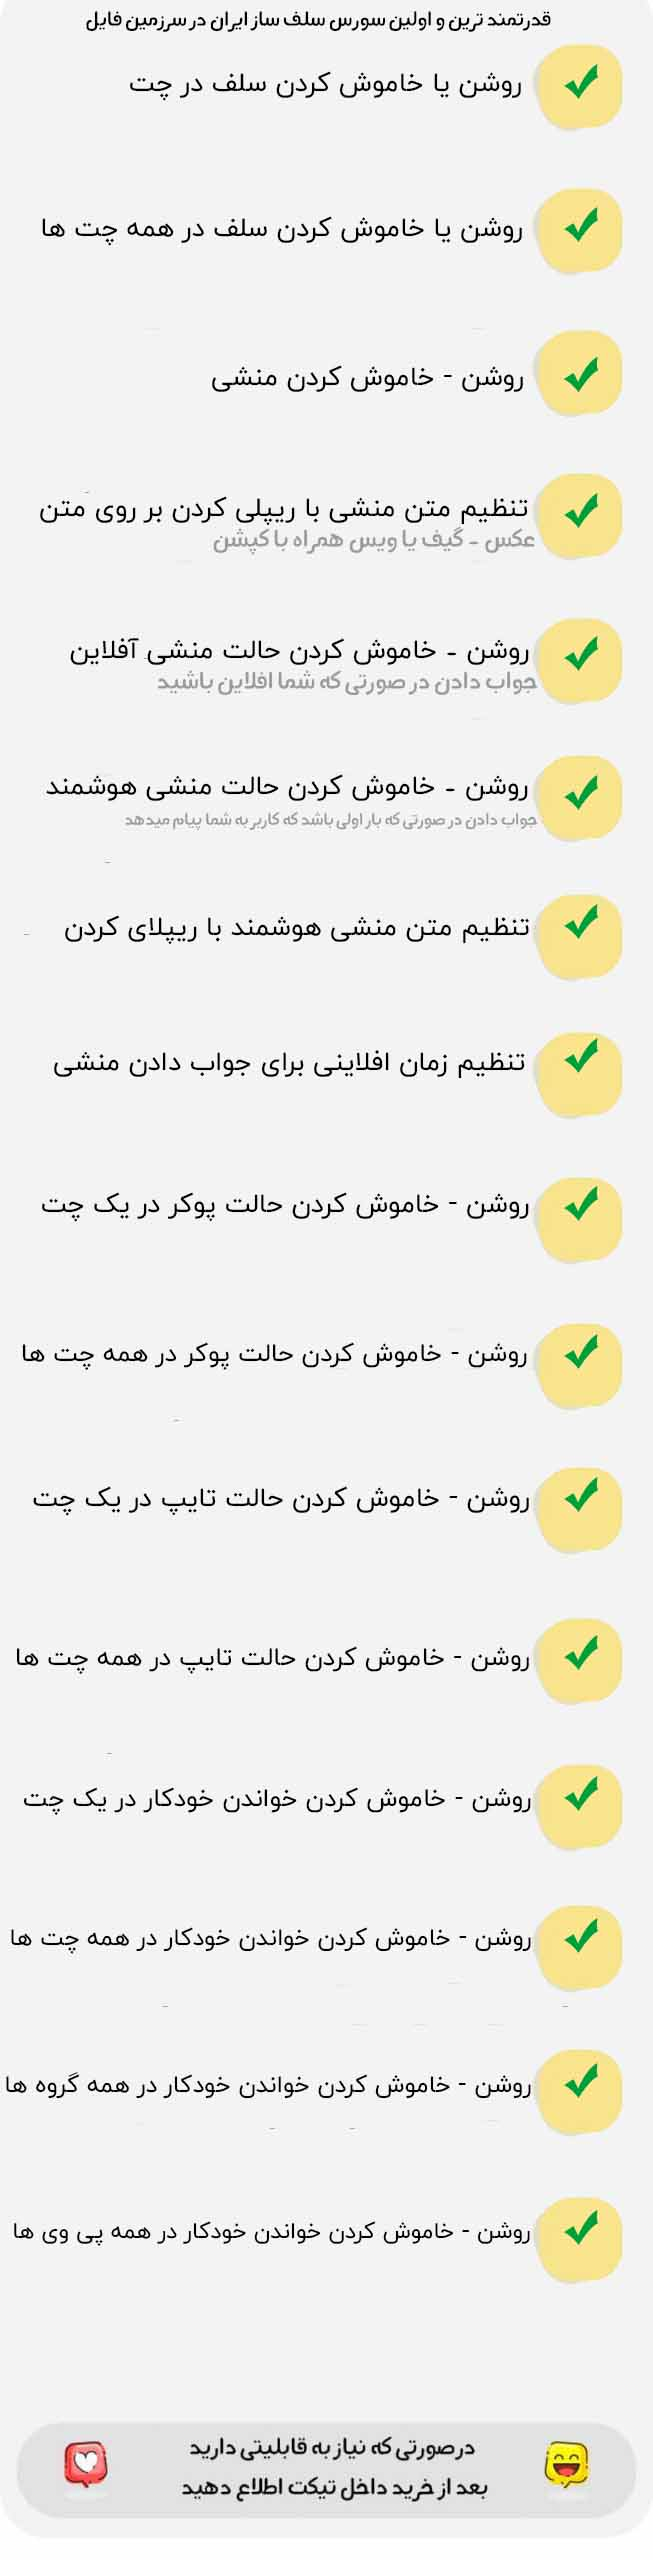 سورس فوق پیشرفته سلف ساز تلگرام   اولین سلف ساز موجود در ایران